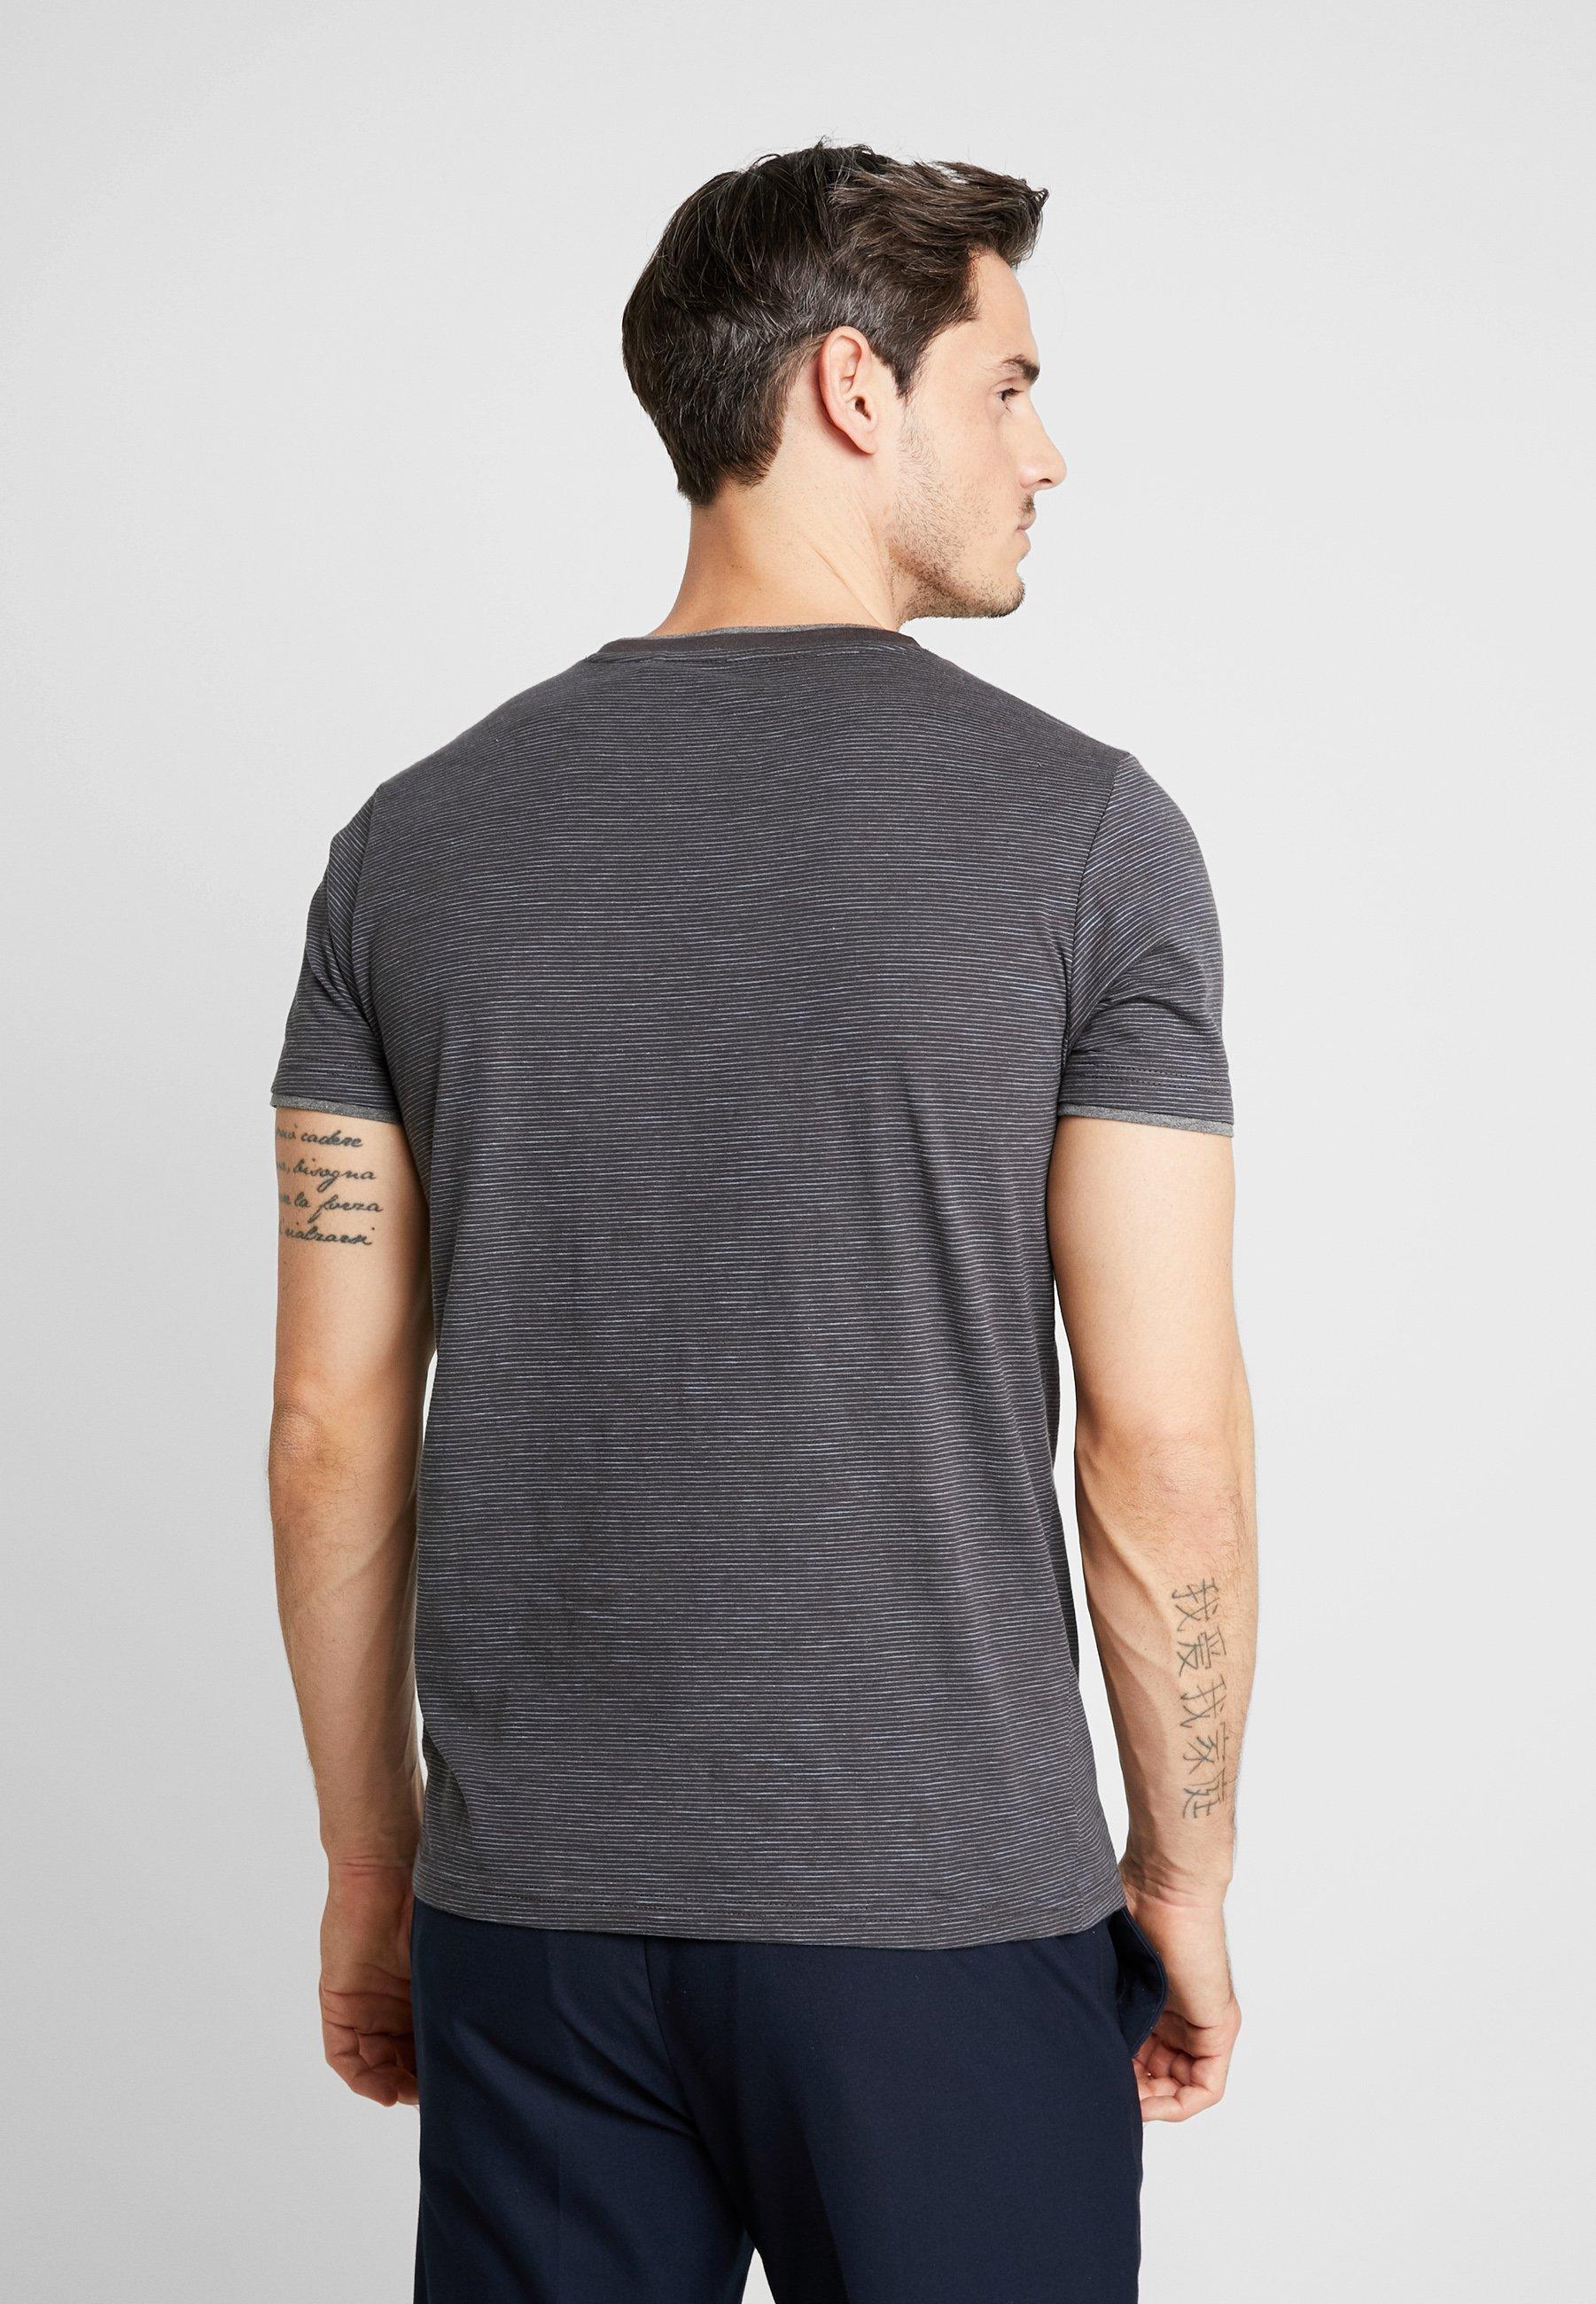 Anthracite T KurzarmImprimé S oliver shirt Ybfy76gv